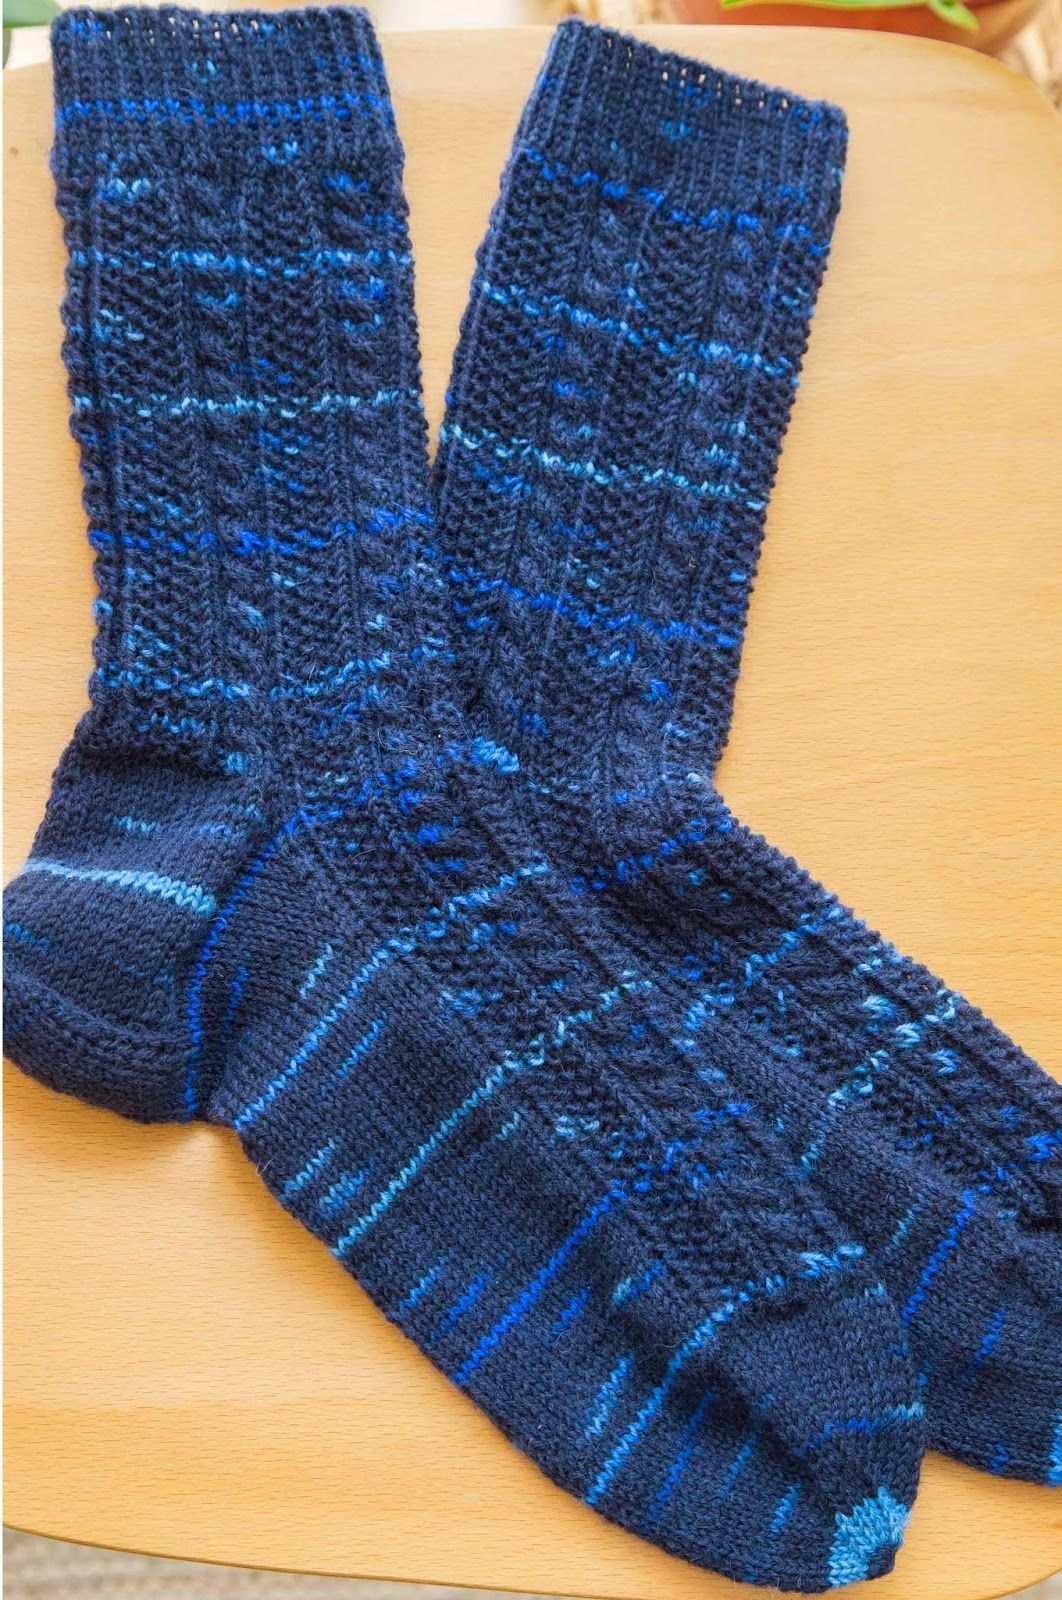 Nadelei Socken Mit Zopfmuster Socken Stricken Socken Zopfmuster Socken Stricken Muster